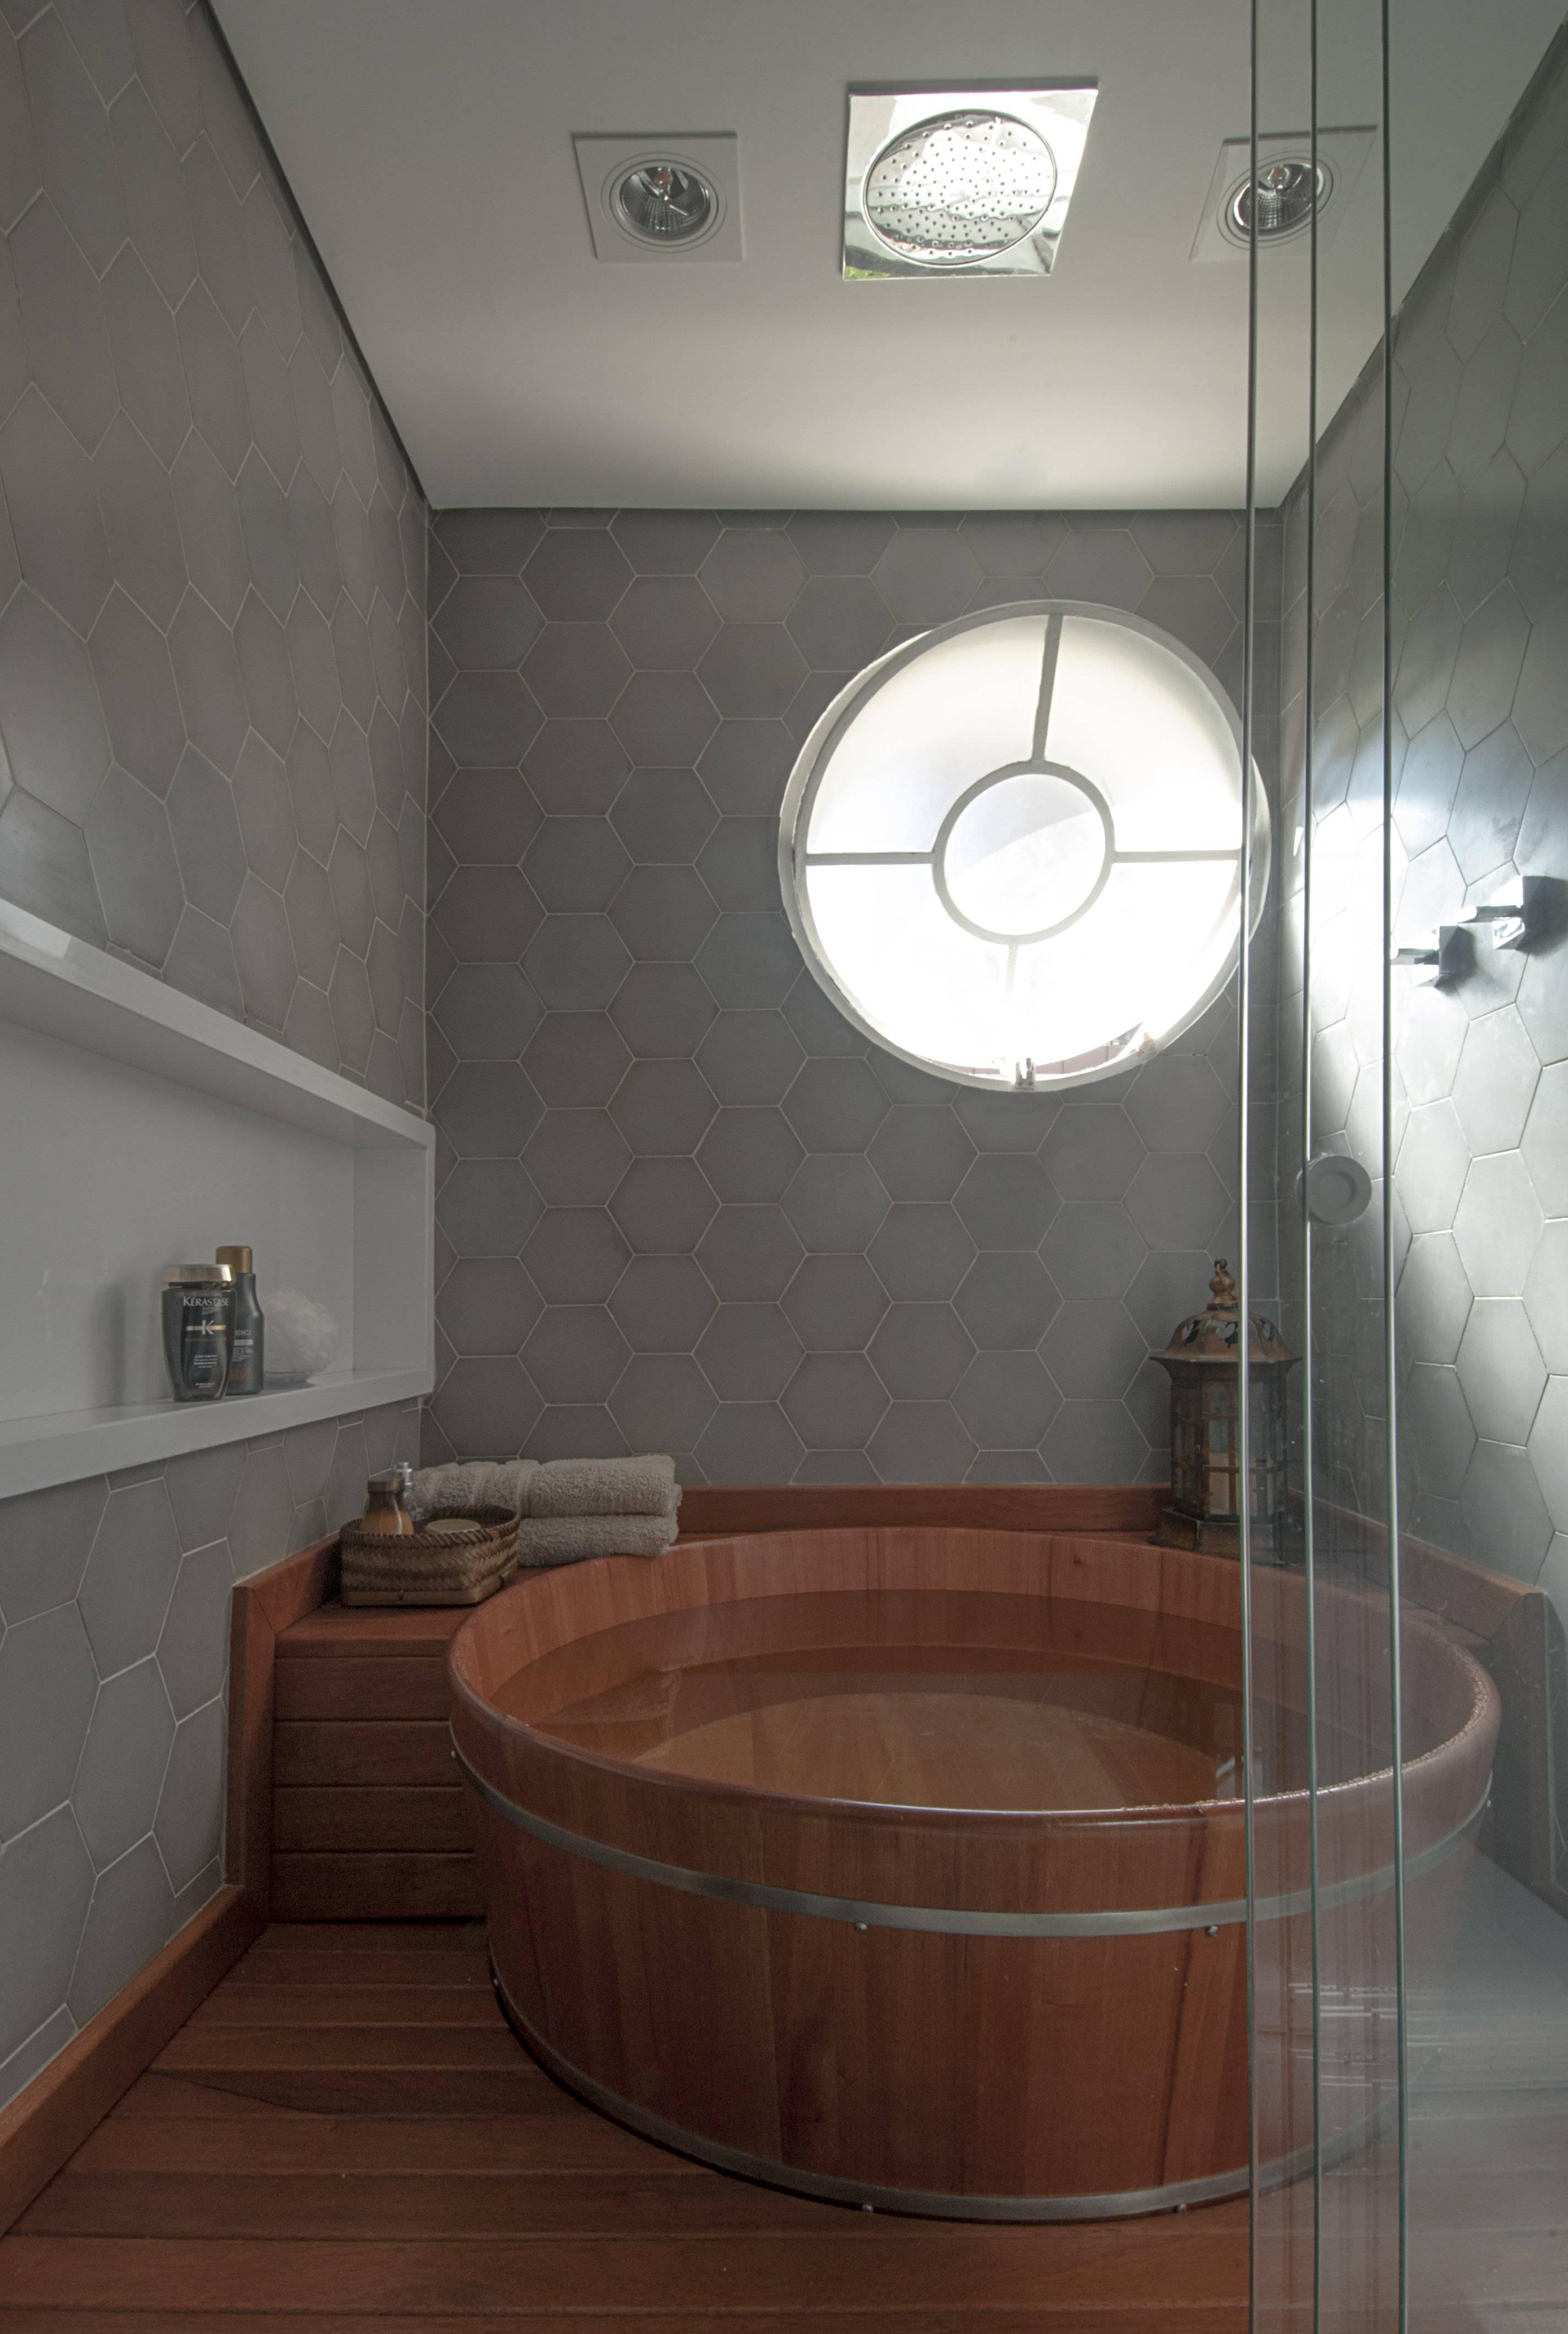 O chuveiro de teto foi posicionado no centro do ofurô que, por sua vez, está no centro da área molhada. Revestimento cimentício contrasta com a madeira, que aquece o espaço.